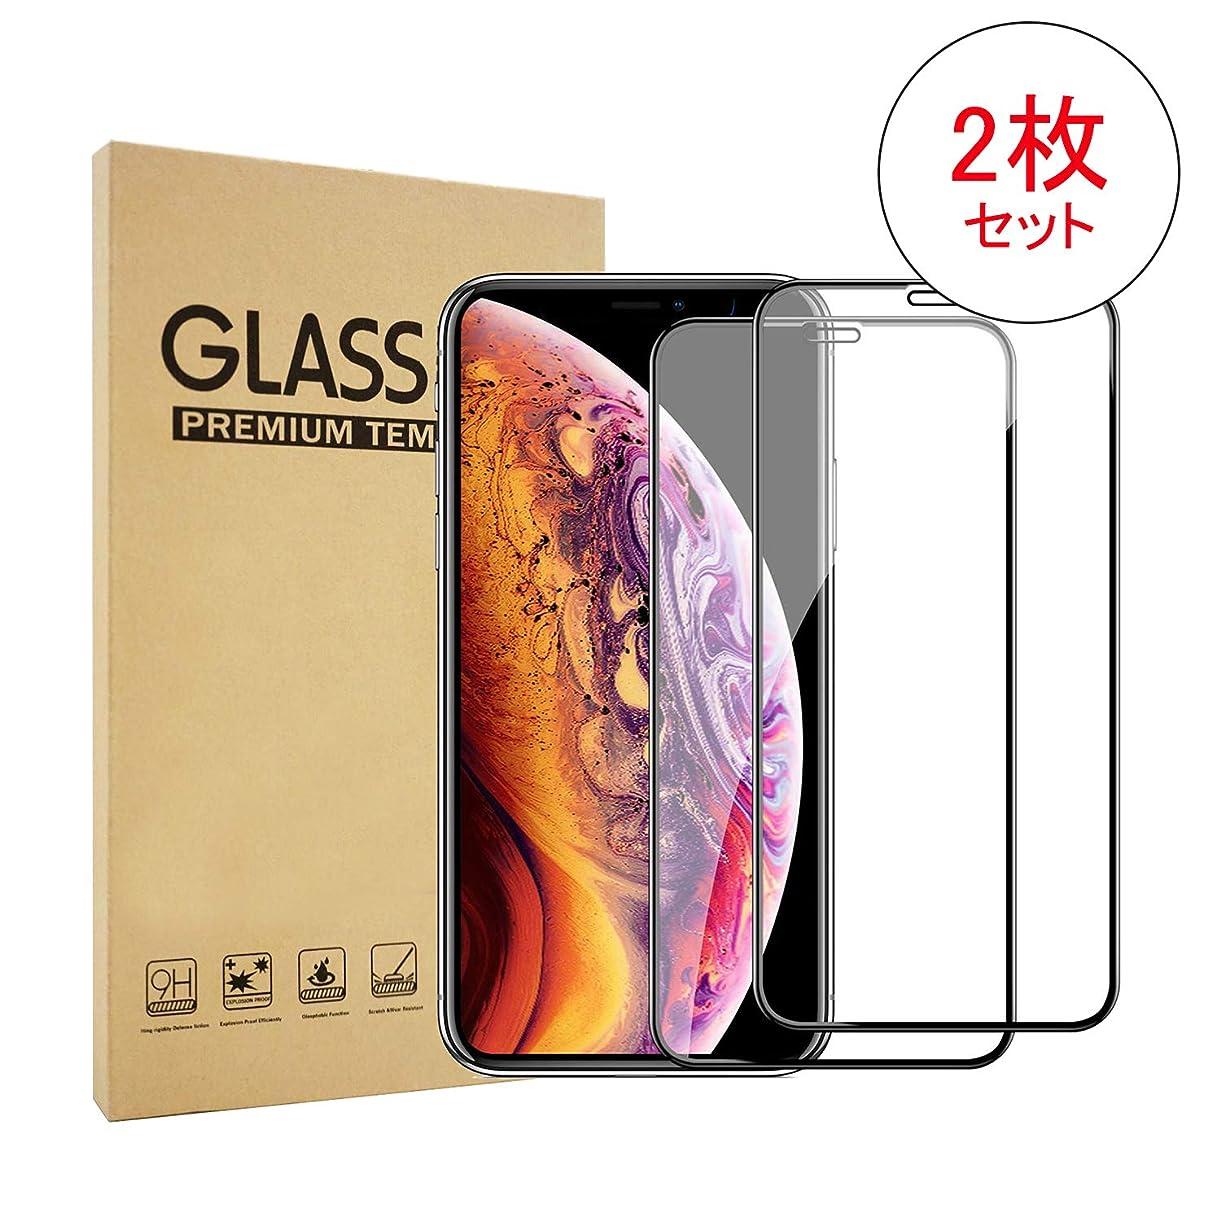 はがきセーター知性【Amazon.co.jp限定】【2枚セット】BoThai Iphone XS/X/11 Pro 強化ガラス液晶保護フィルム【フルカバー】保護フィルム 硬度9H/高透過率/9D【日本製素材旭硝子製】 …